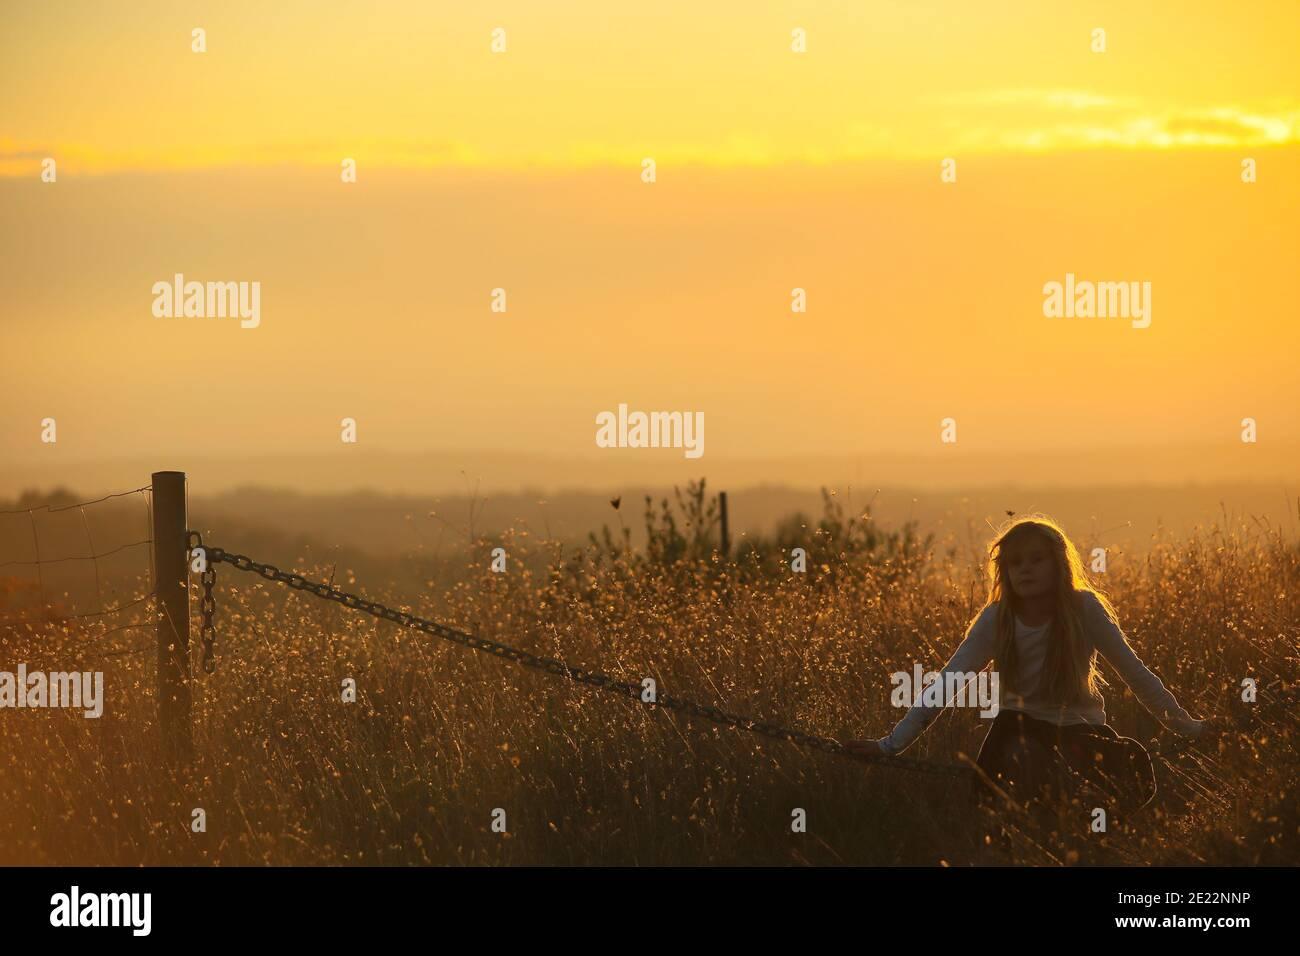 Junge Blonde Mädchen sitzt auf einer Kette in einem goldenen Sonnenuntergang Stockfoto